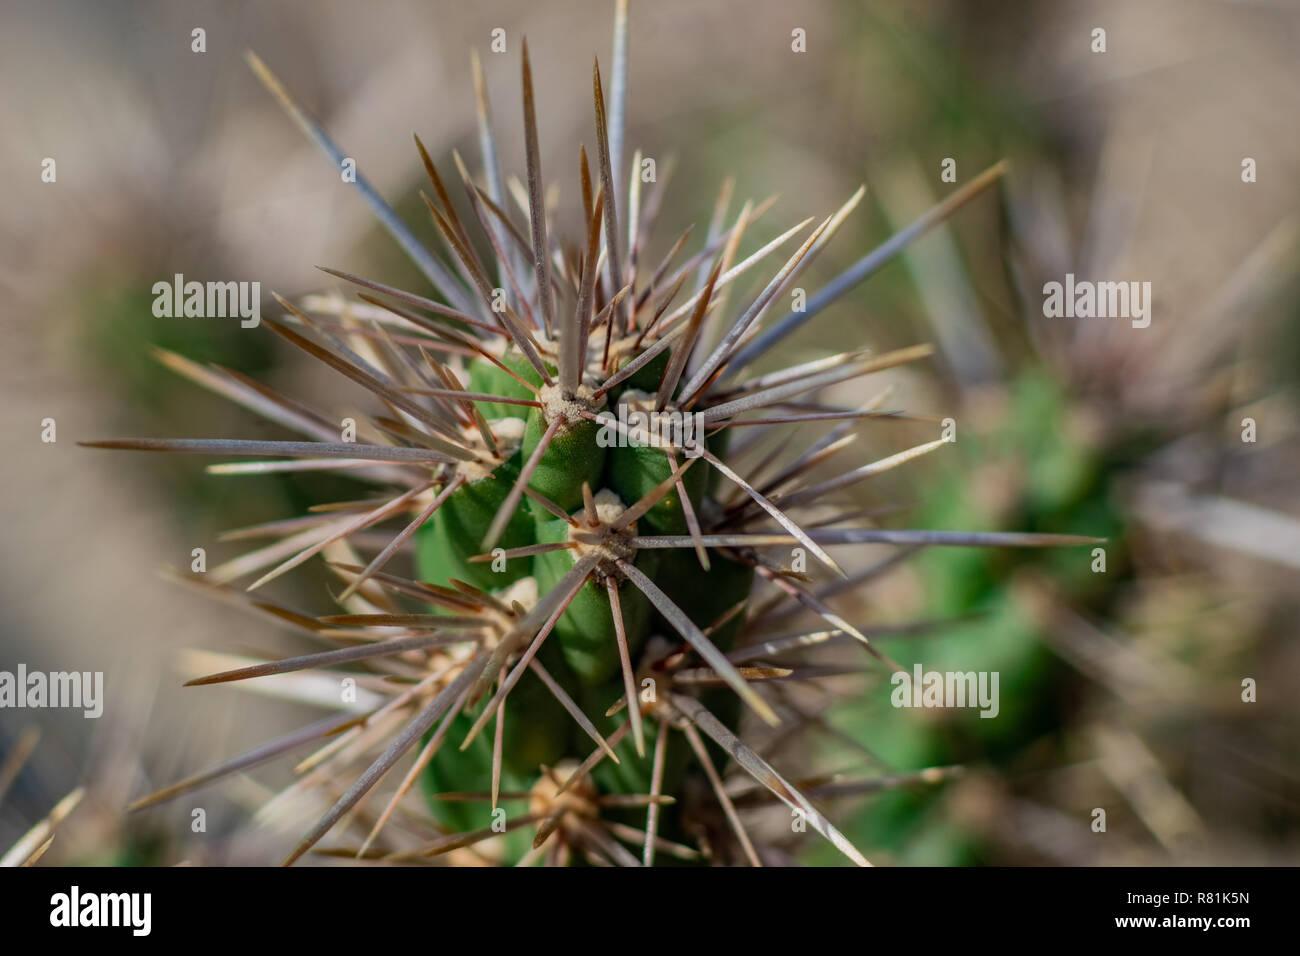 Detaillierte Makro Nahaufnahme eines Kaktus Stockbild